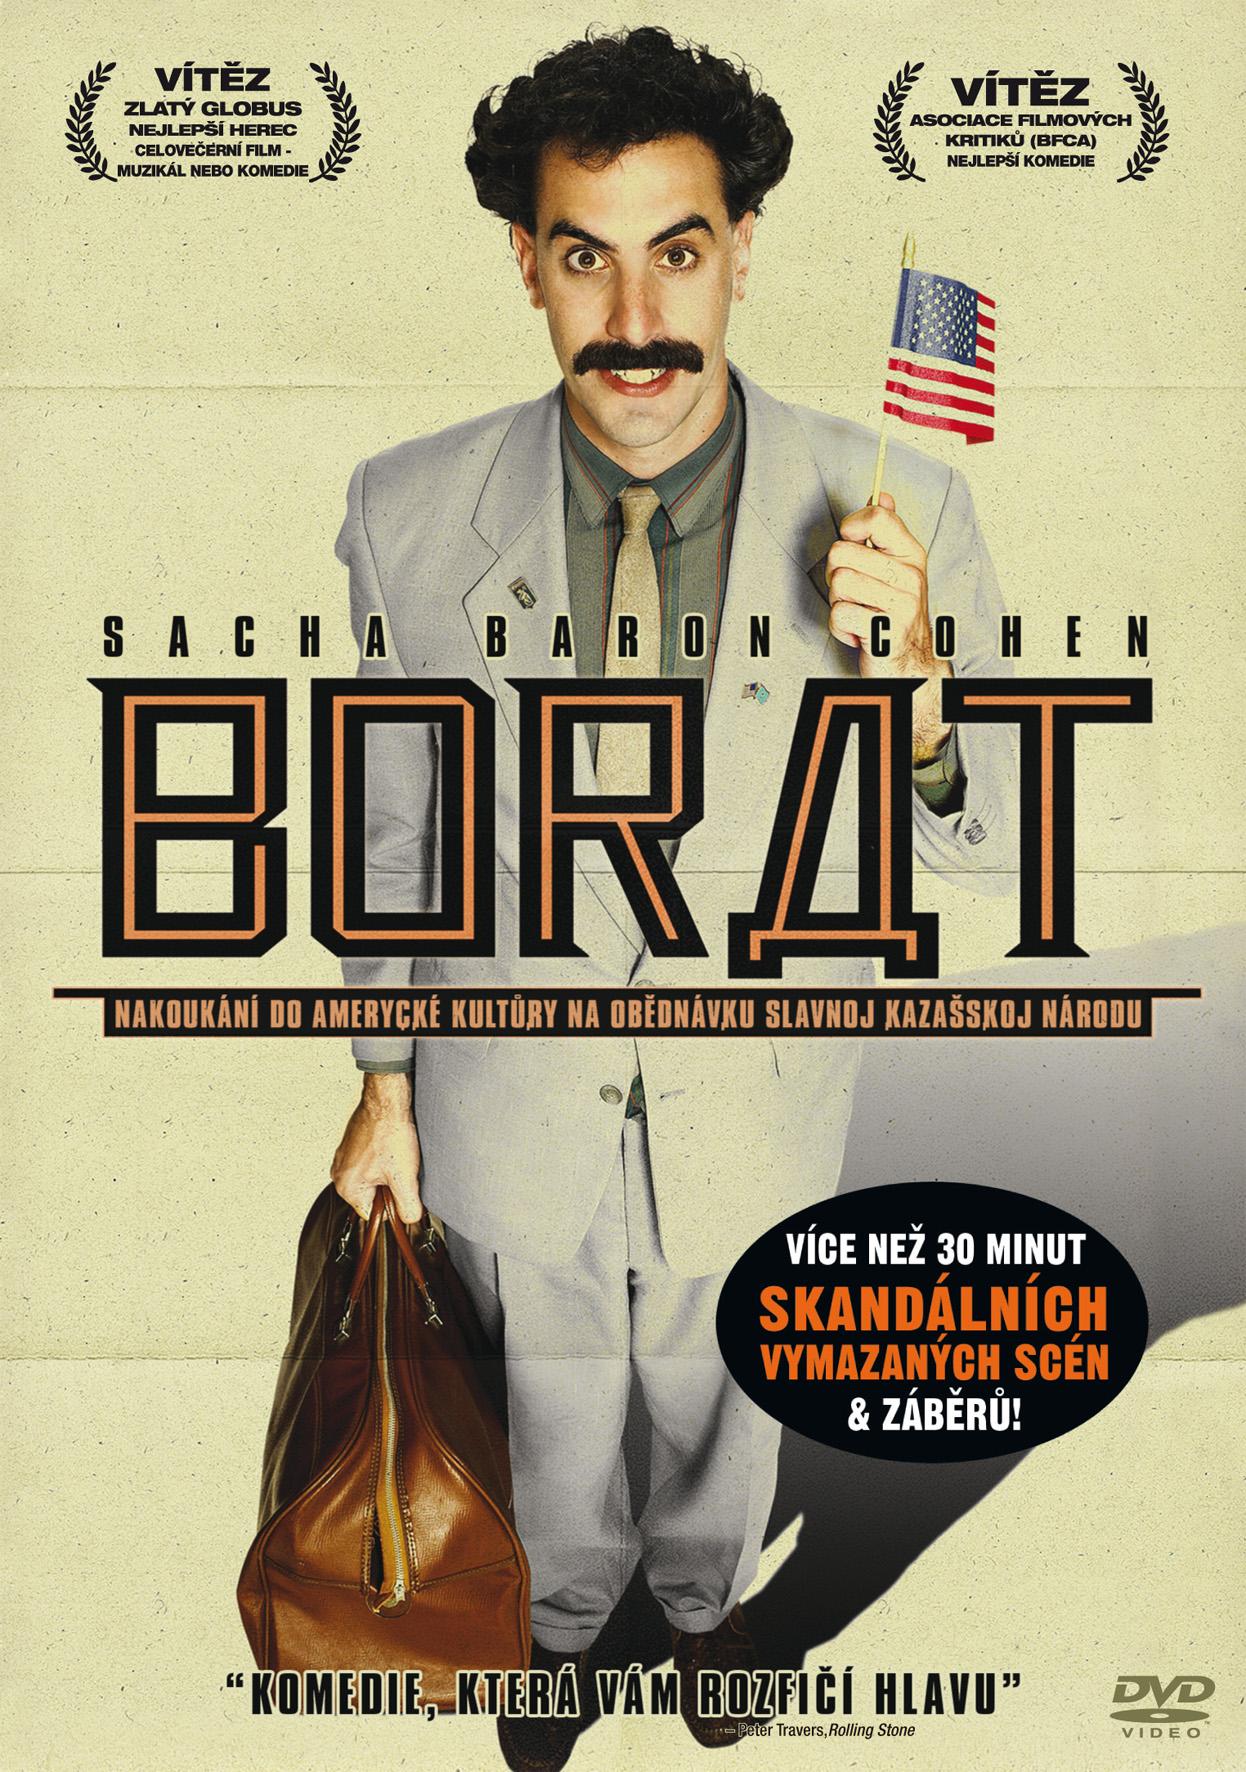 Spustit online film zdarma Borat: Nakoukání do amerycké kultůry na obědnávku slavnoj kazašskoj ...